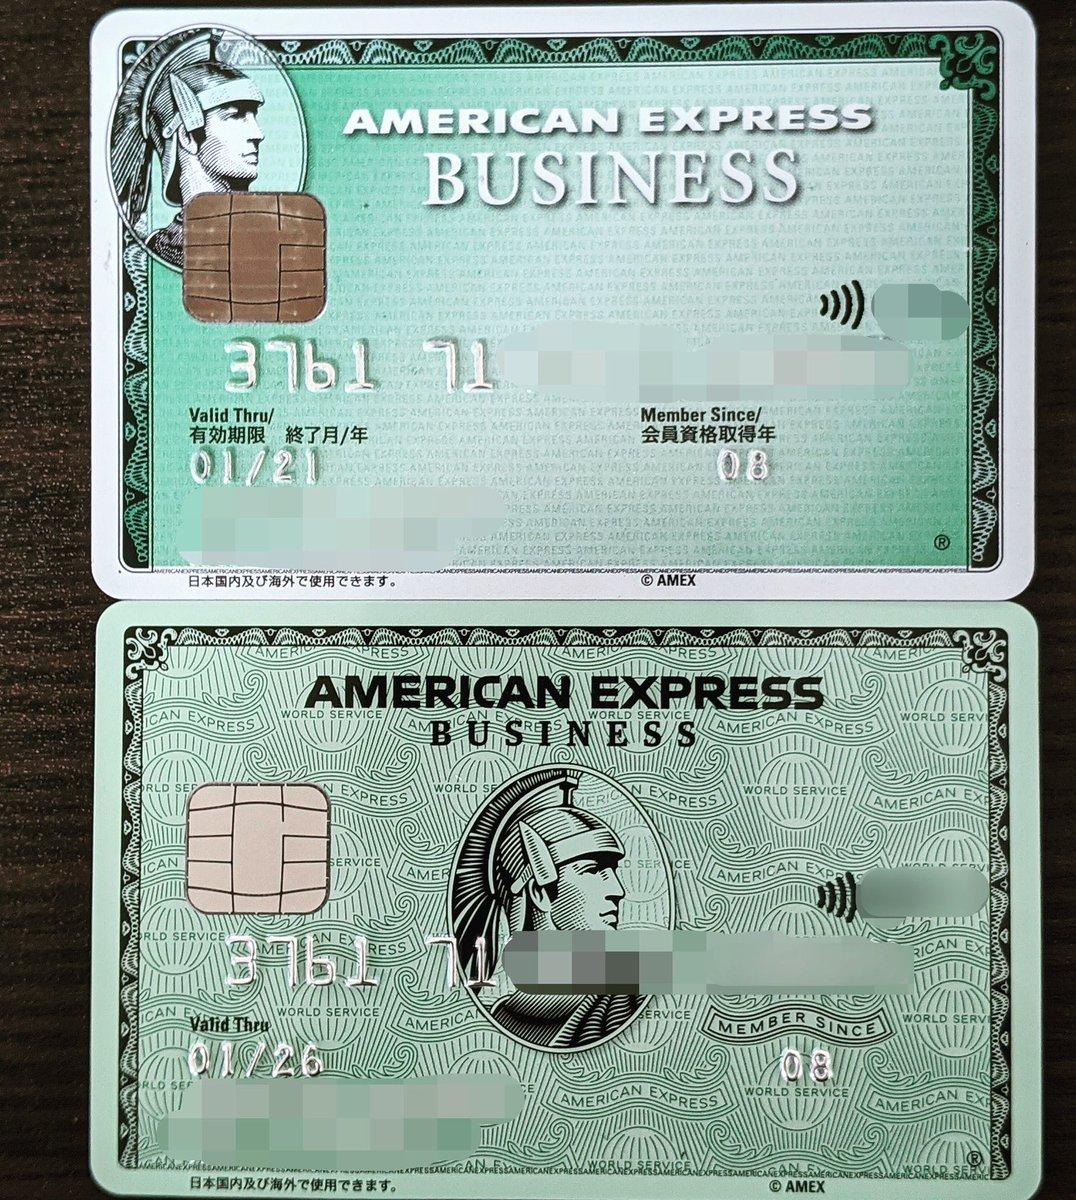 アメリカン・エキスプレス・ビジネス・カードの更新カードが届きました。  個人カード同様、古代ローマの百人隊長センチュリオンが真ん中に鎮座するデザインに変わりました。  #アメックス  #amex #amexbusiness  #アメックスビジネス #アメックスグリーン